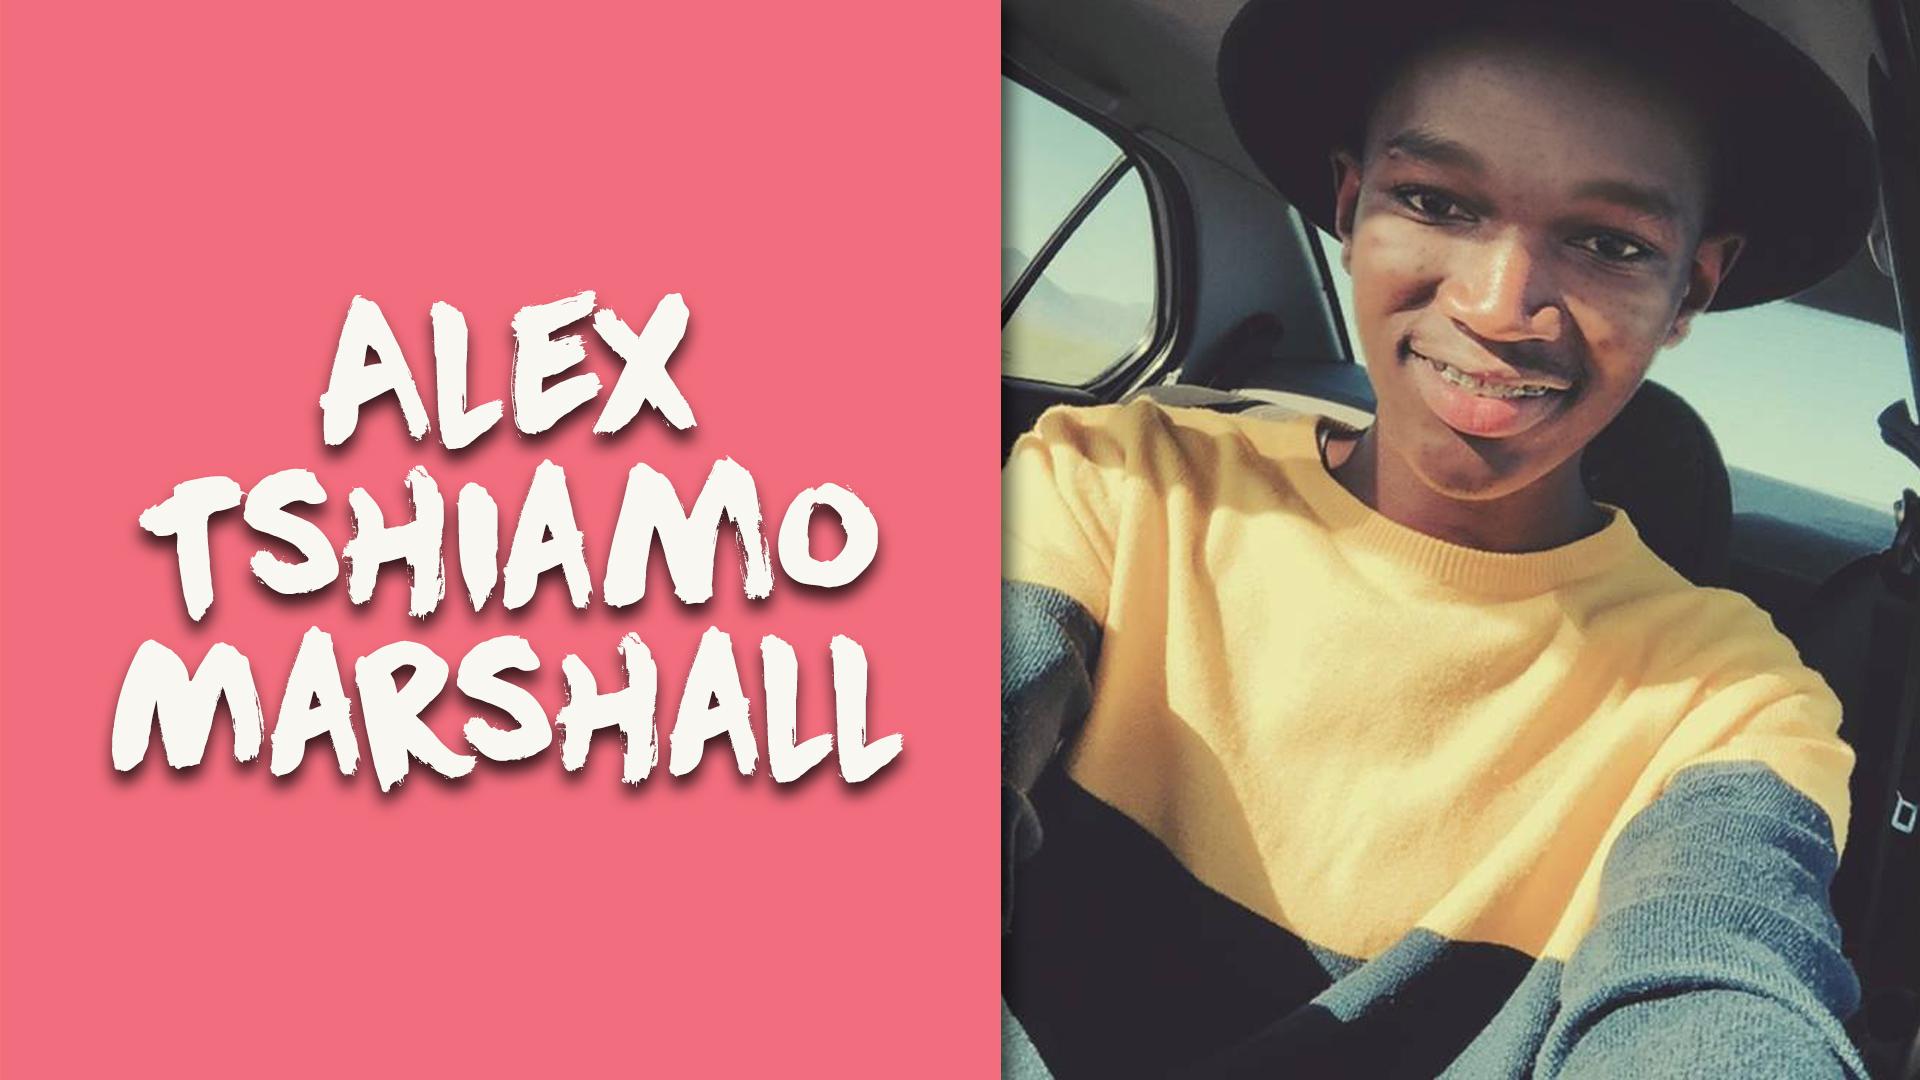 Alex Tshiamo Marshall